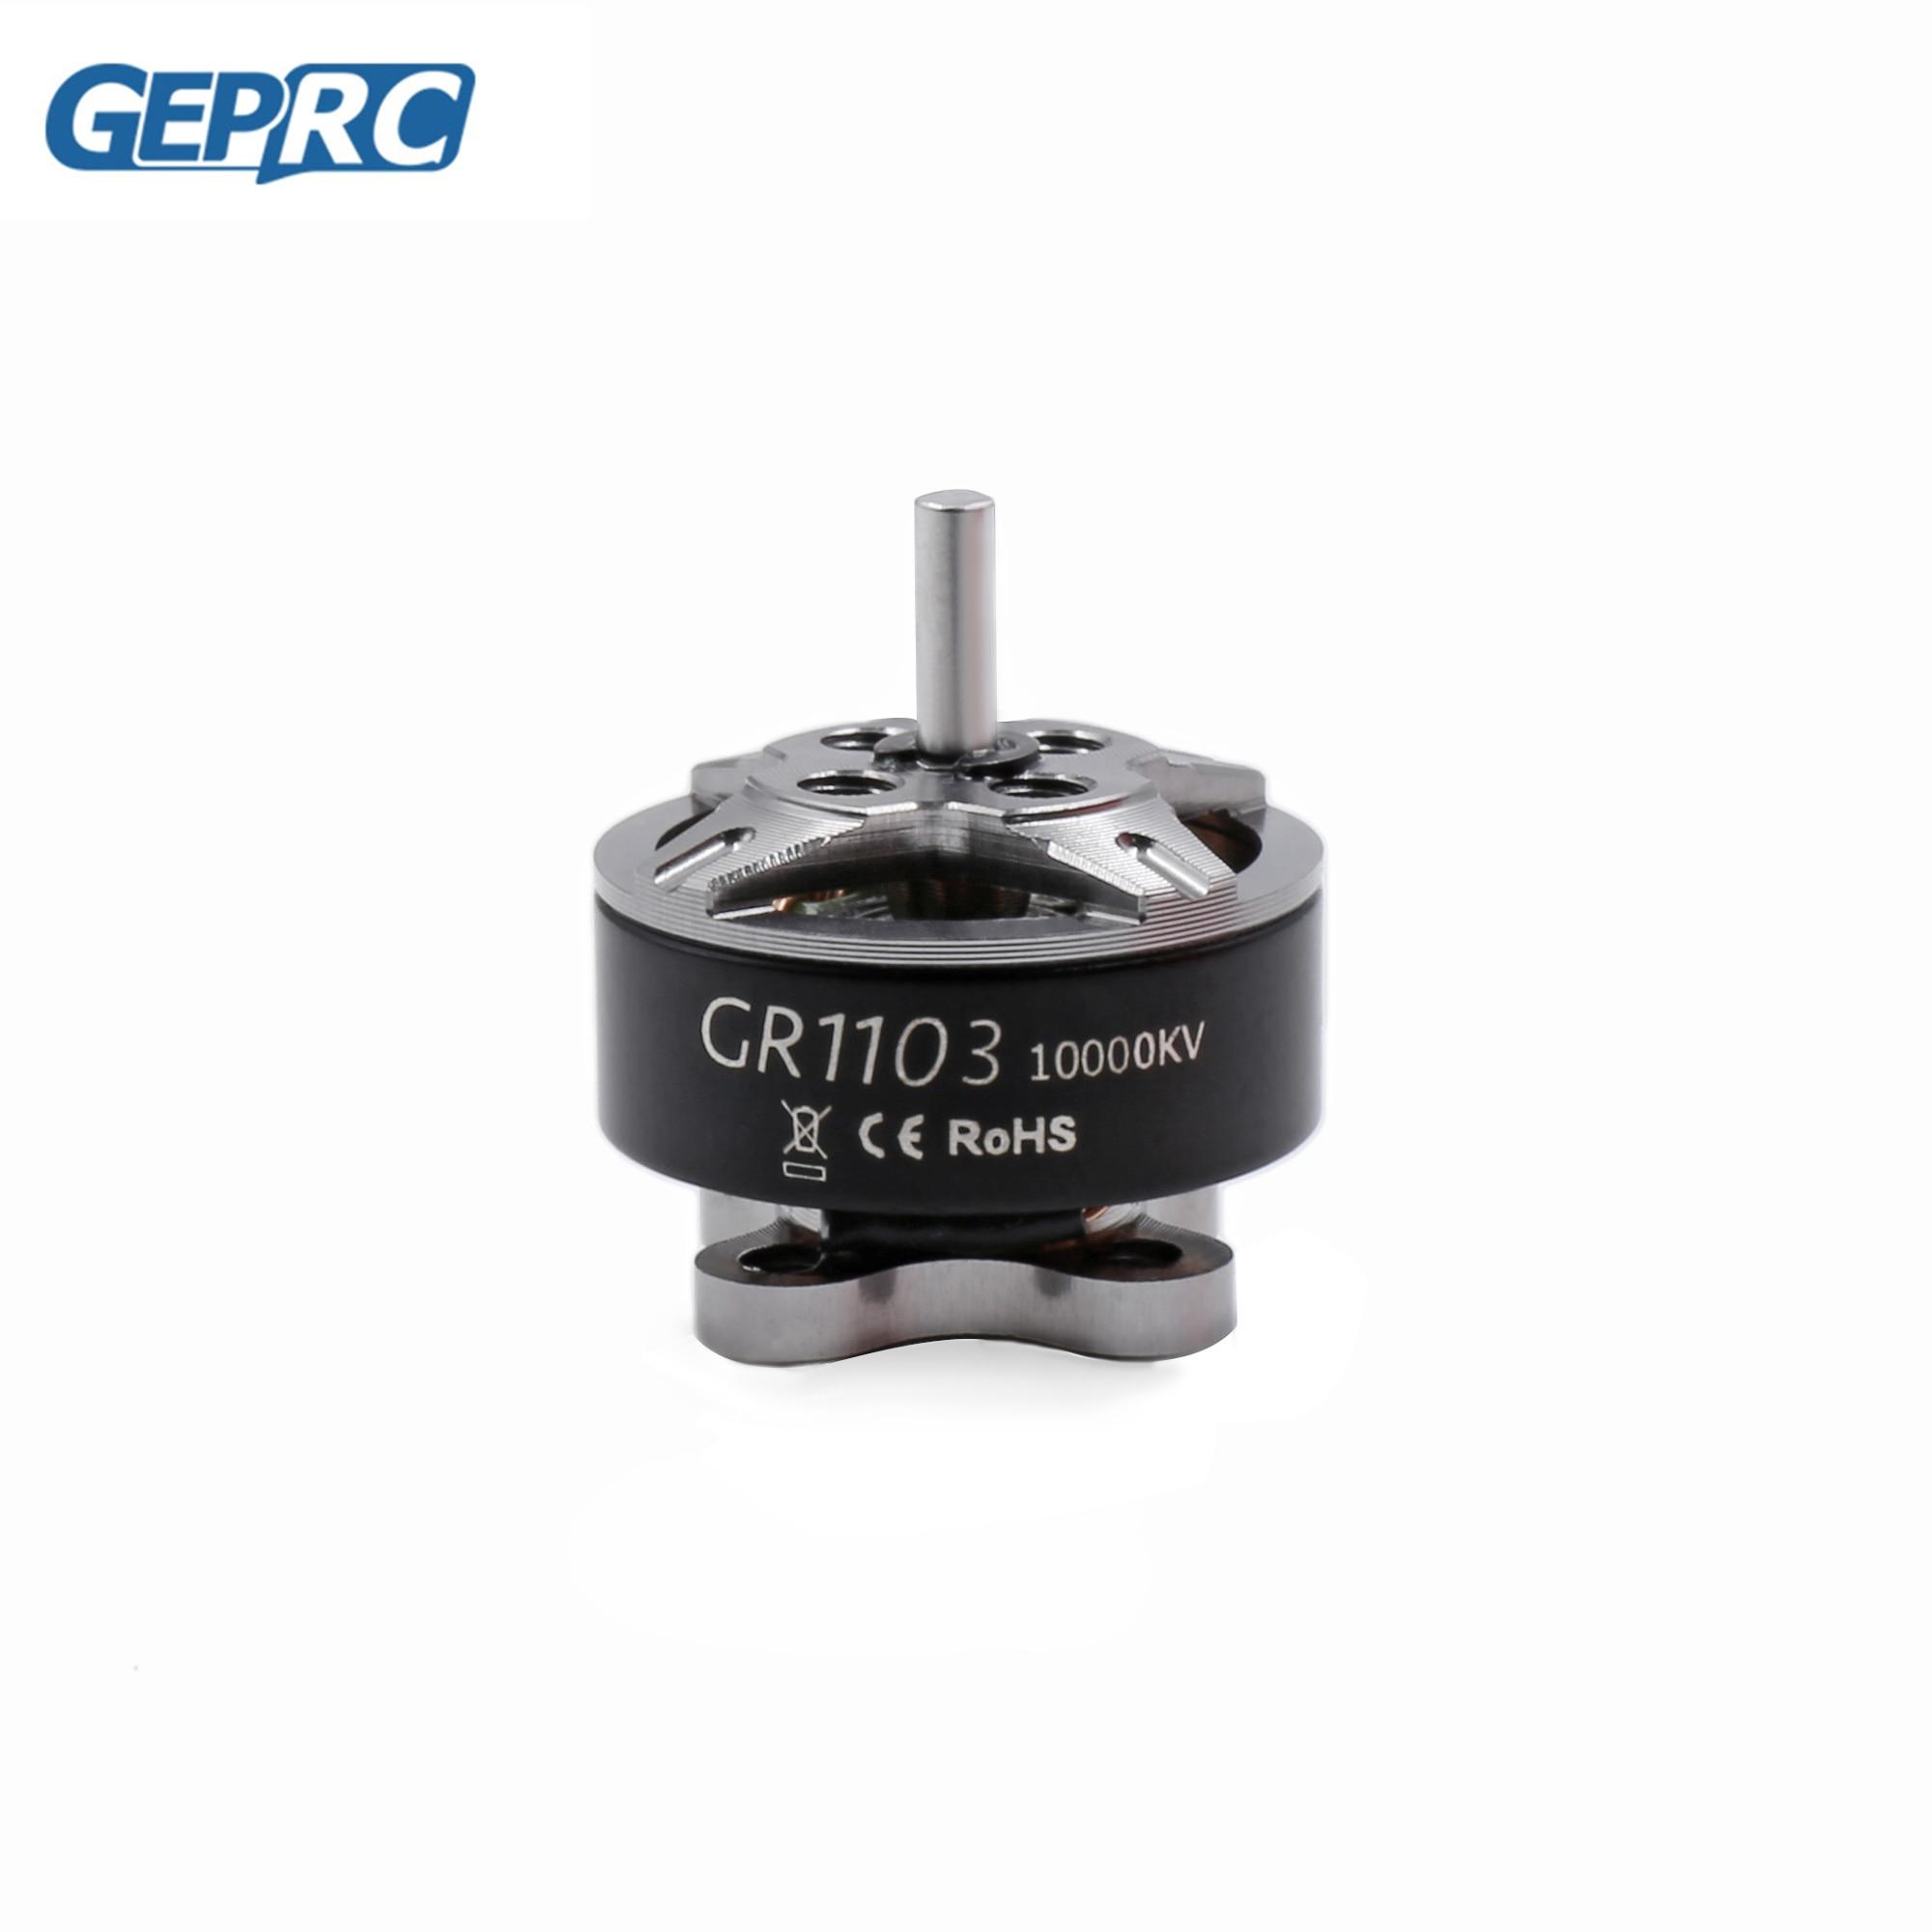 1 шт. GEPRC GR1103 1103 8000KV бесщеточный двигатель 2-3S для RC FPV гоночного дрона квадрокоптера мультикоптера запчасти мультикоптера